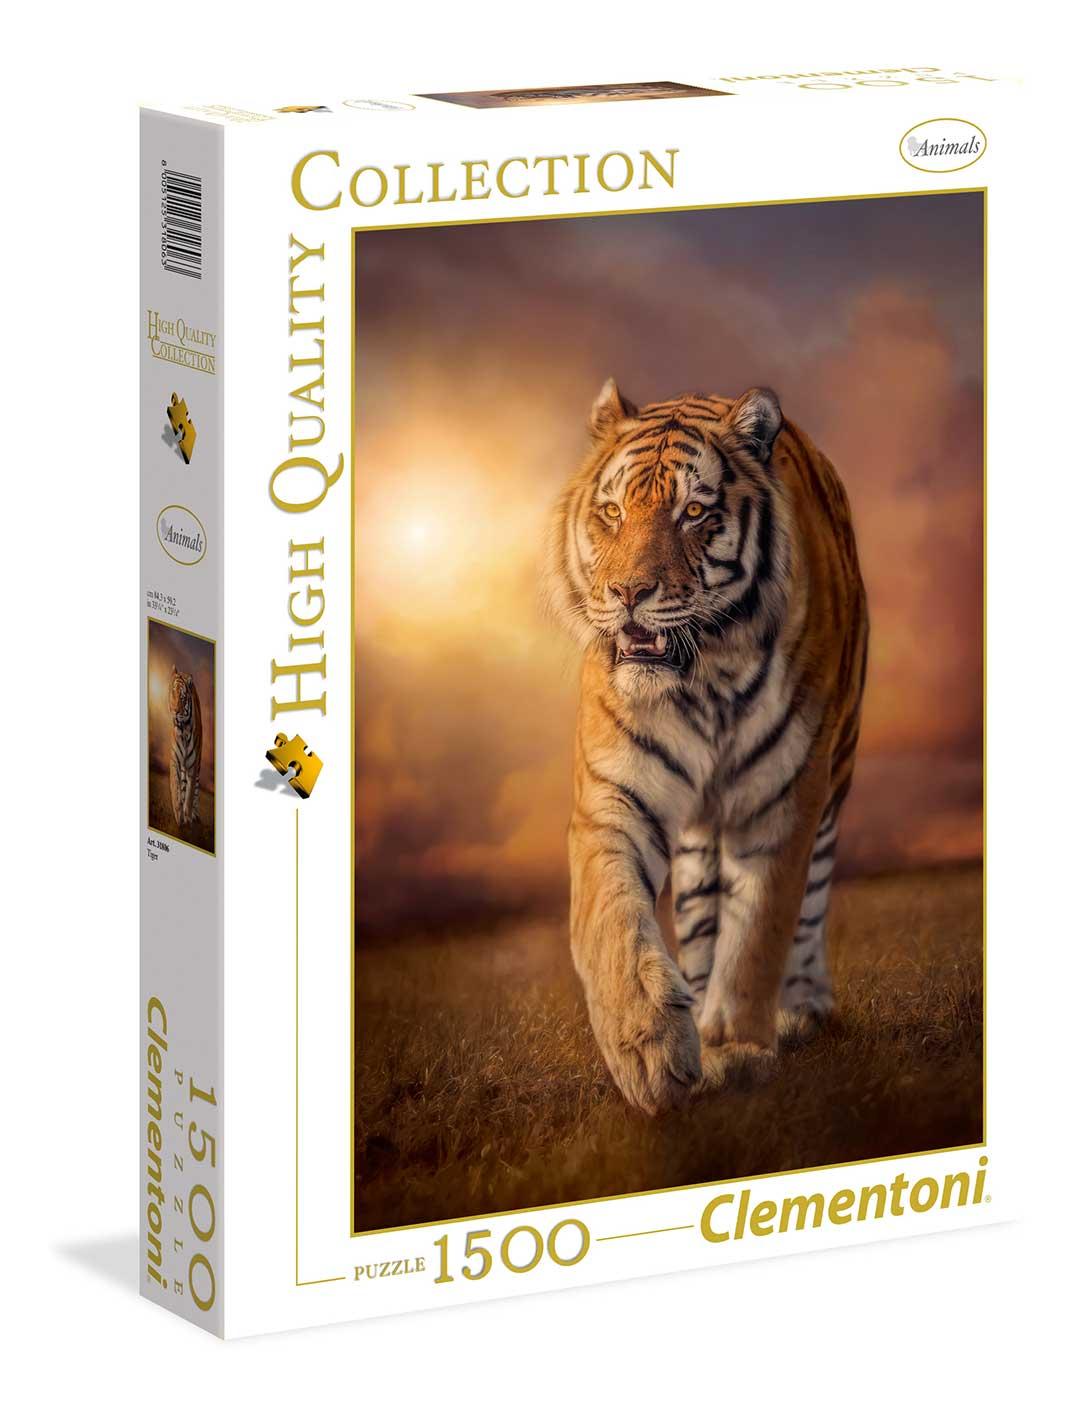 Puzzle Clementoni Tigre al Atardecer de 1500 Piezas